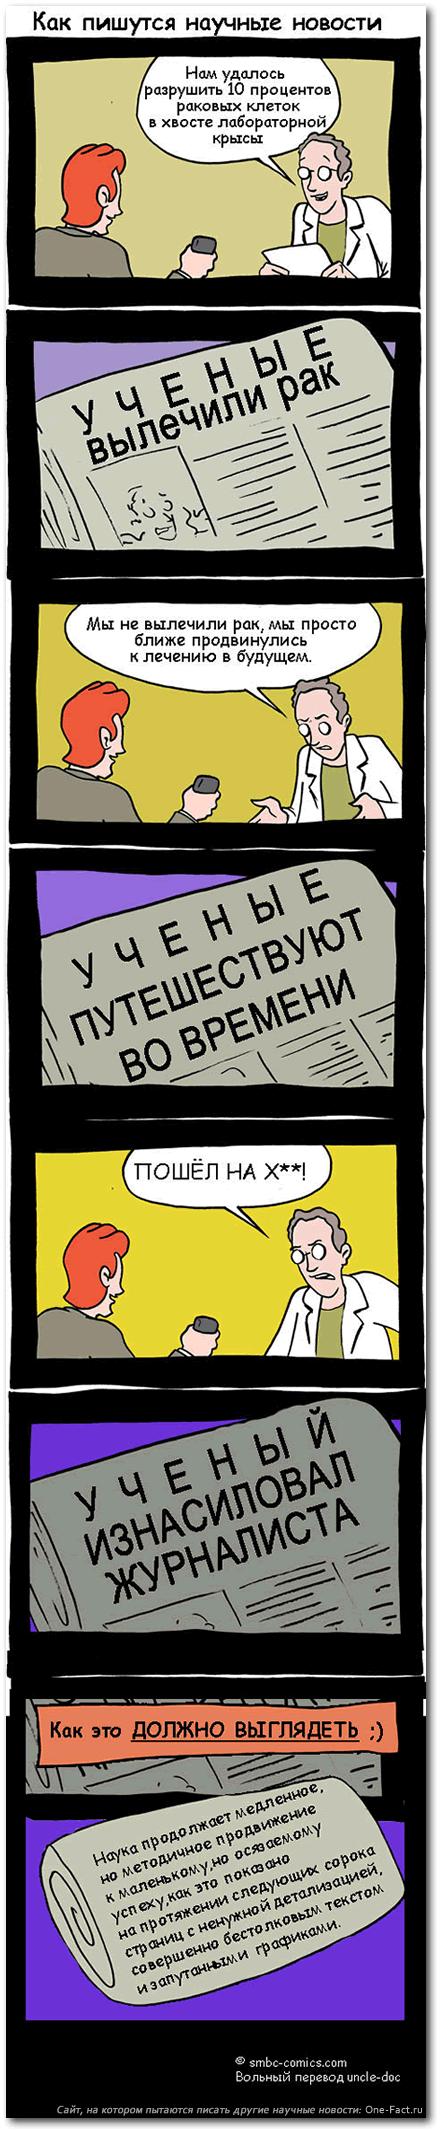 Как пишутся научные новости. (с)smbc-comics